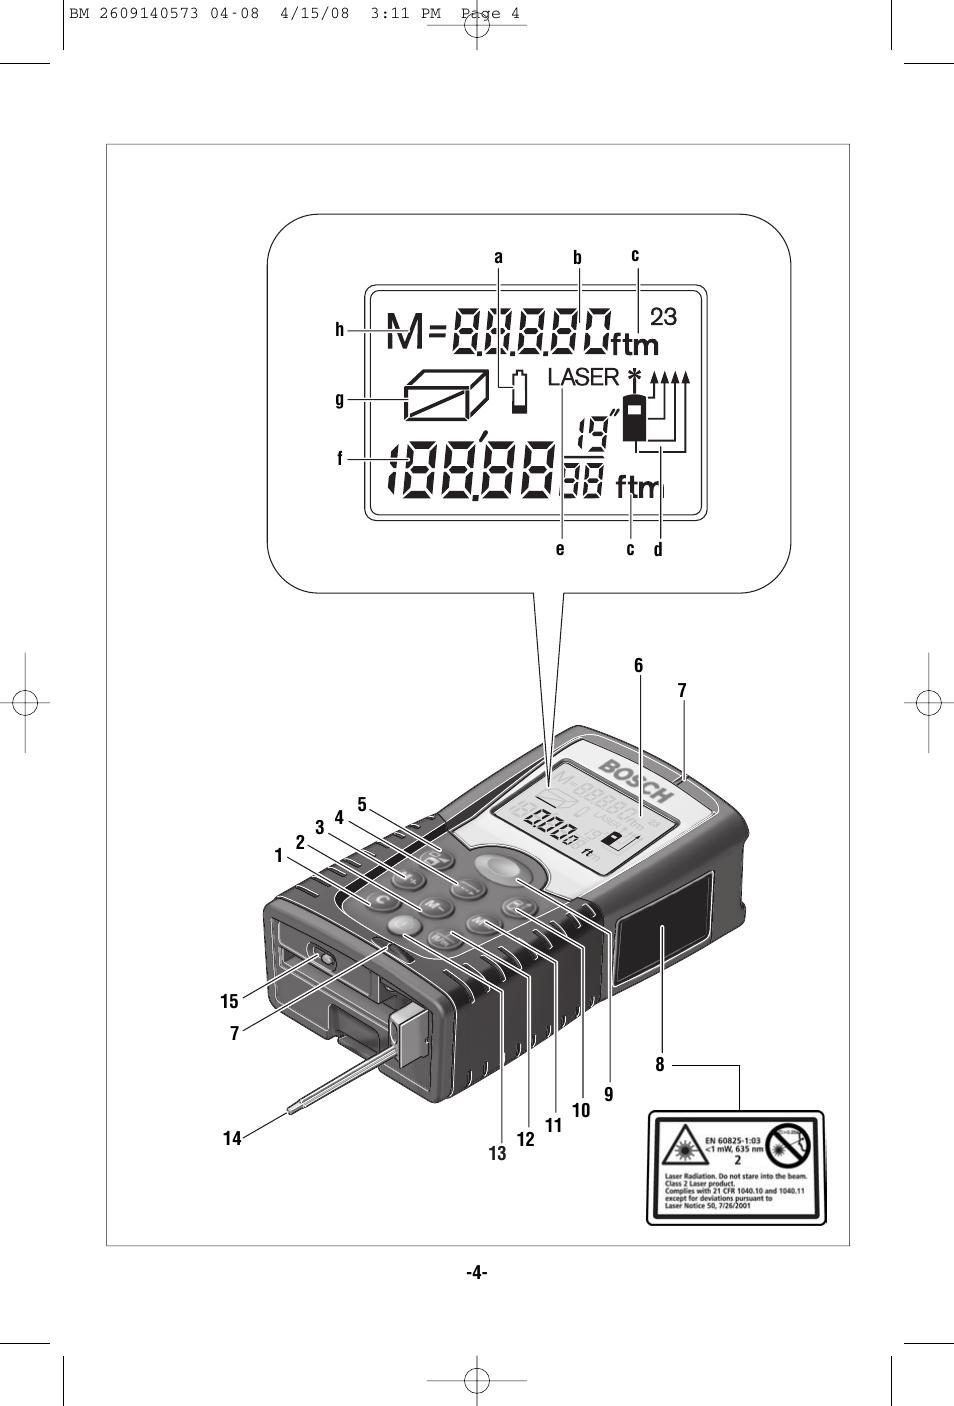 BOSCH DLR165 MANUAL PDF